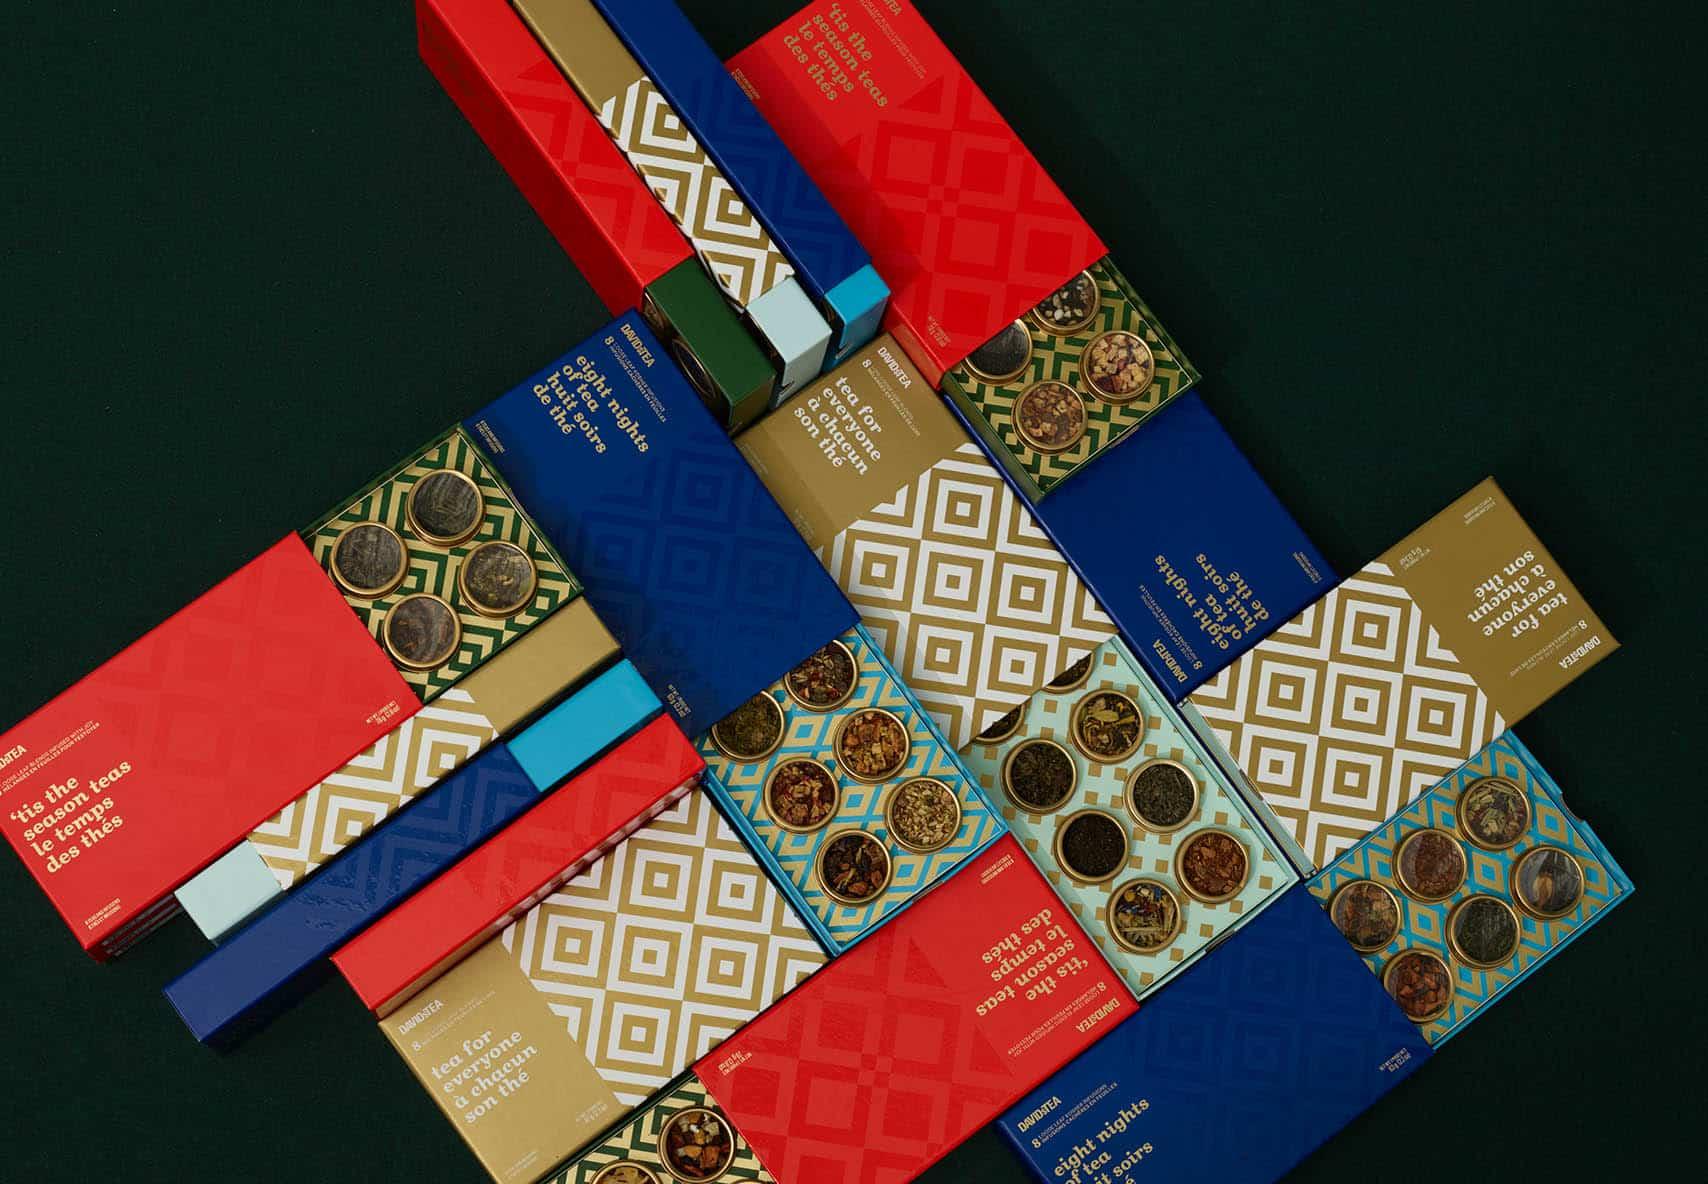 Thés en vrac préemballés groupés ensemble : Canne craquante, le secret du père Noël et d'autres boîtes colorées.